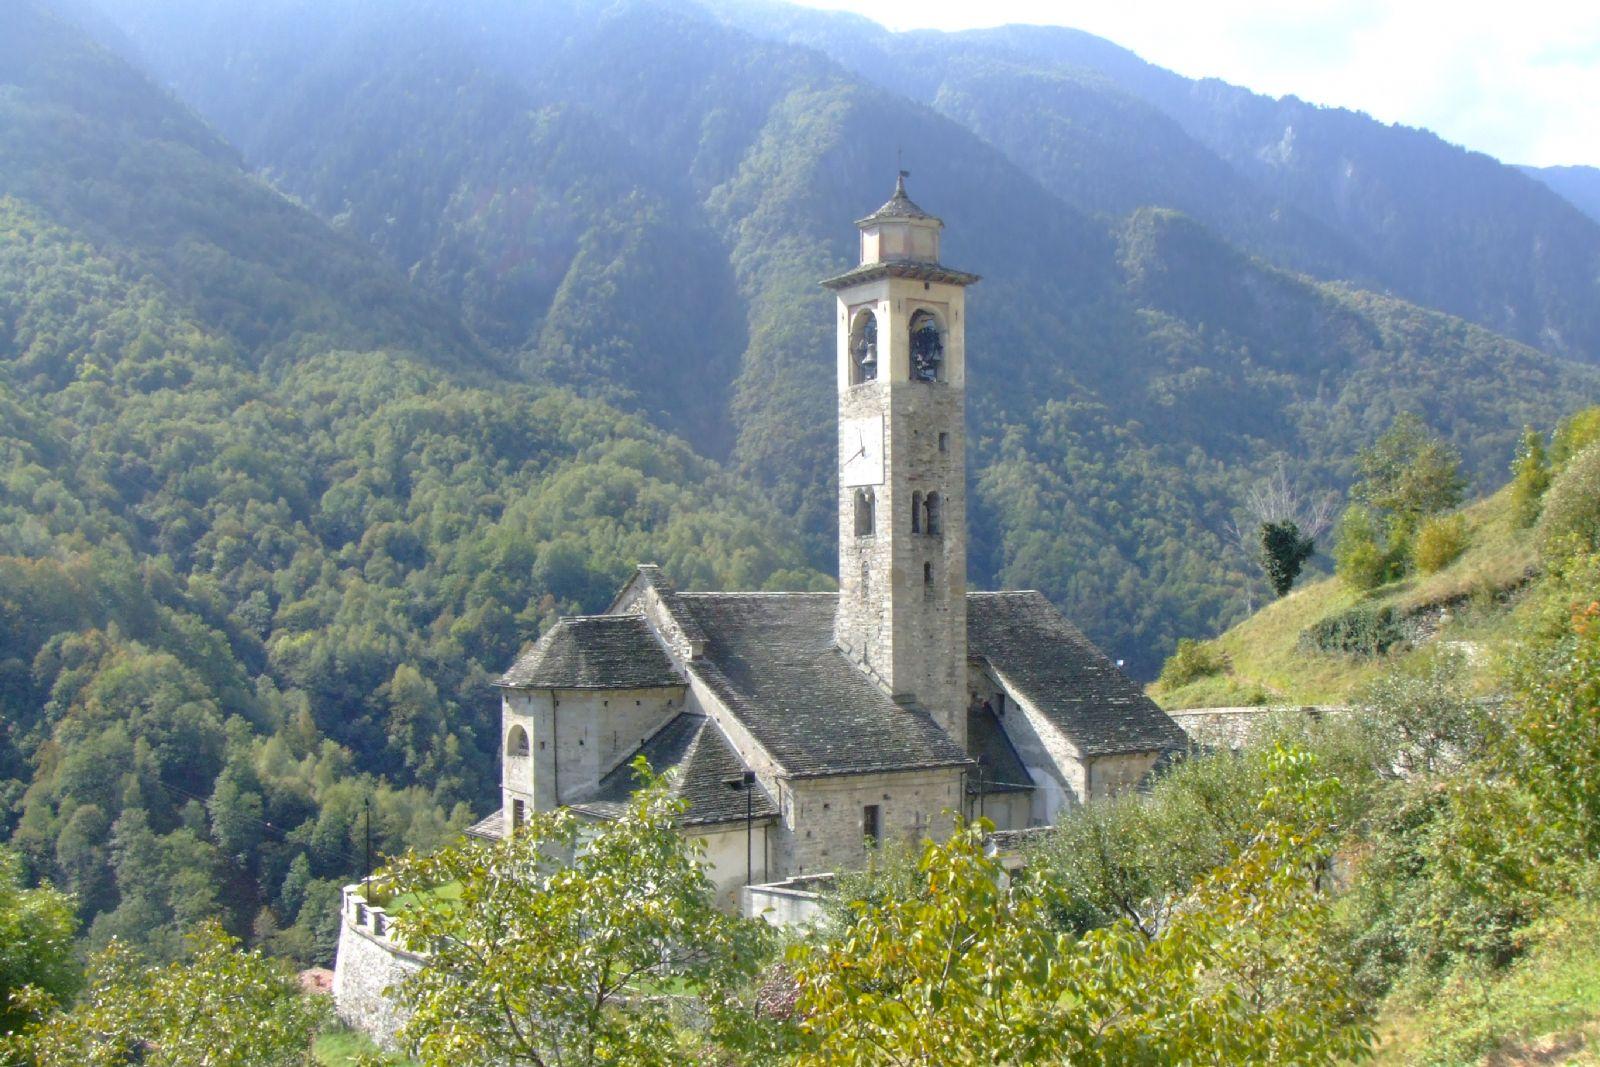 Photo of Case di montagna in vendita a 1€, il successo di Borgomezzavalle contro lo spopolamento